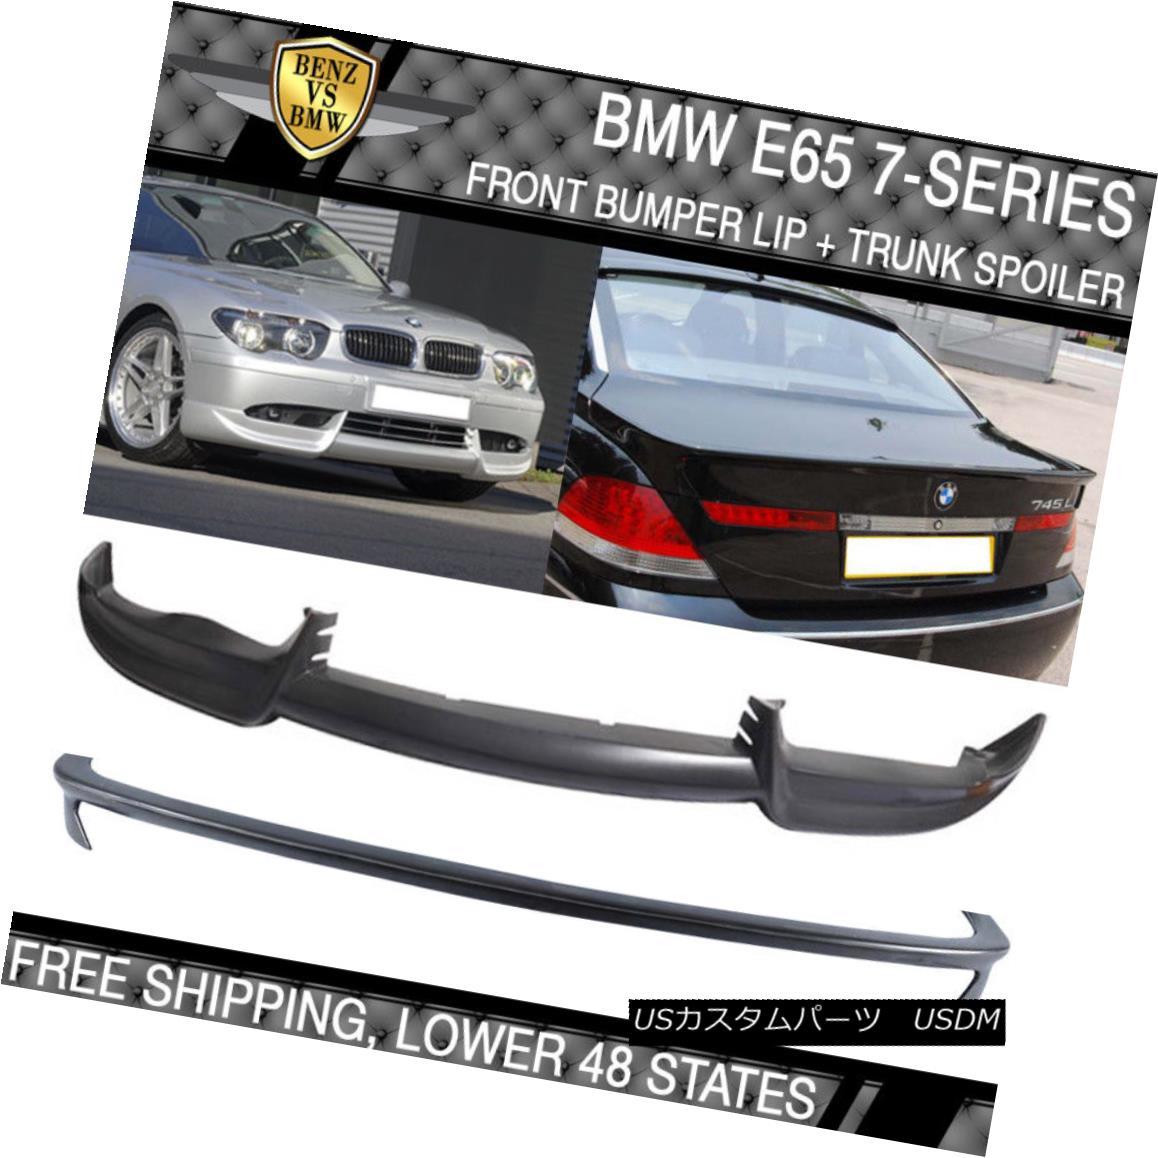 エアロパーツ Fits 02-05 BMW E65 745 750 7-Serie AC-S PU Front Bumper Lip + Trunk Spoiler フィット02-05 BMW E65 745 750 7-セリエAC-S PUフロントバンパーリップ+トランク・スポイラー